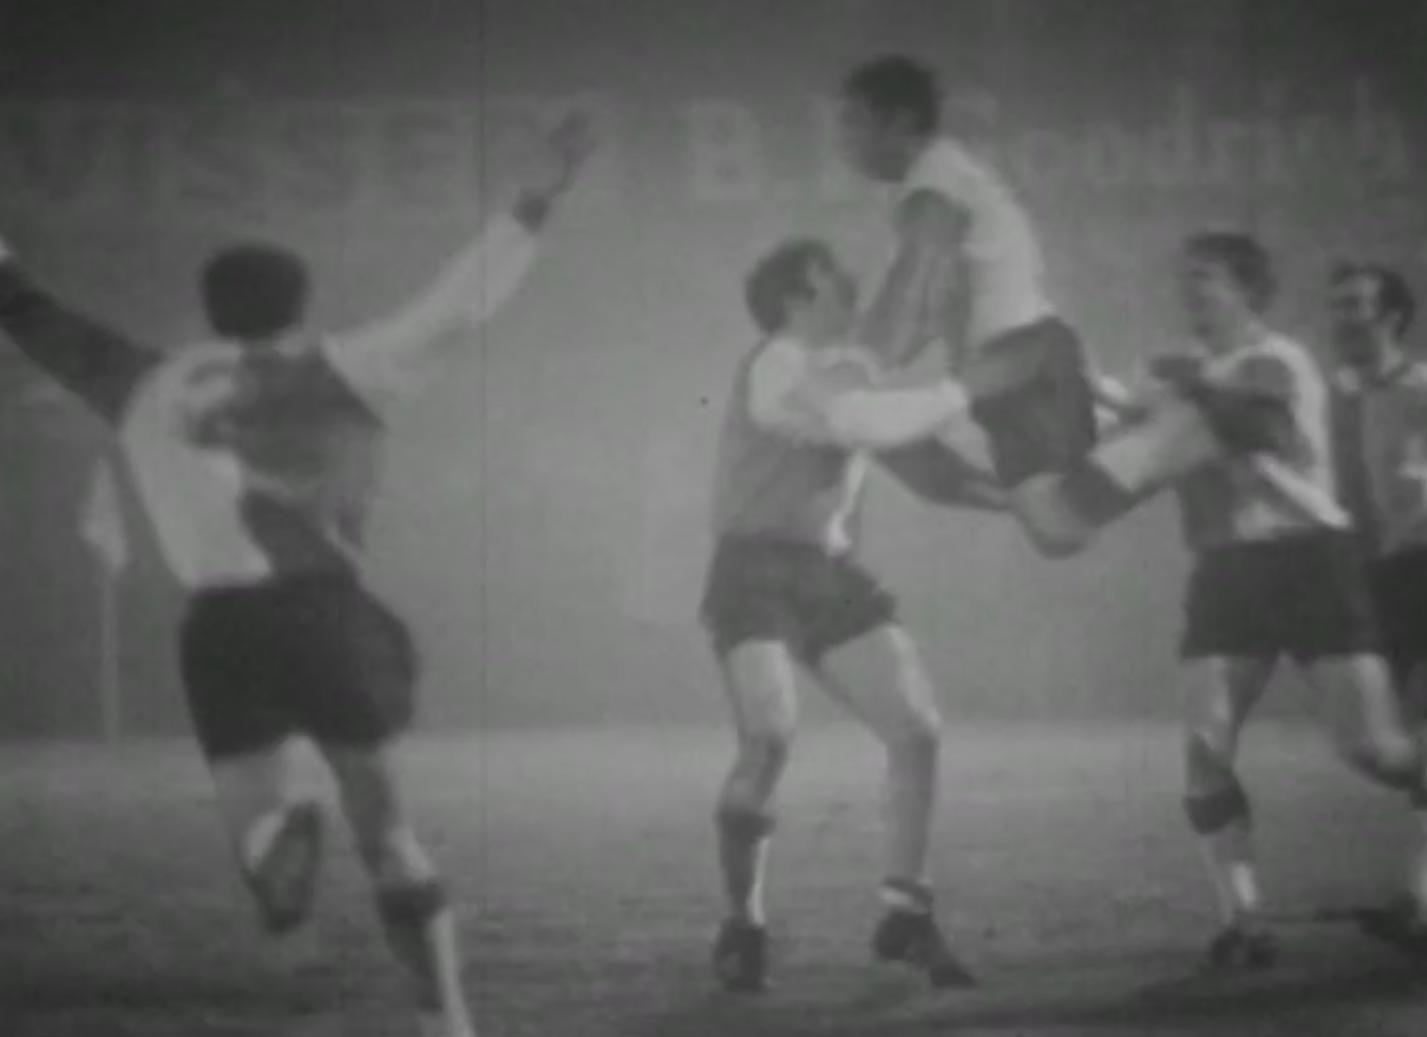 Szalona radość piłkarzy Feyenoordu po zdobyciu drugiej bramki. W efektownym wyskoku Franz Hasil, który popisał się pięknym strzałem z woleja zza pola karnego.